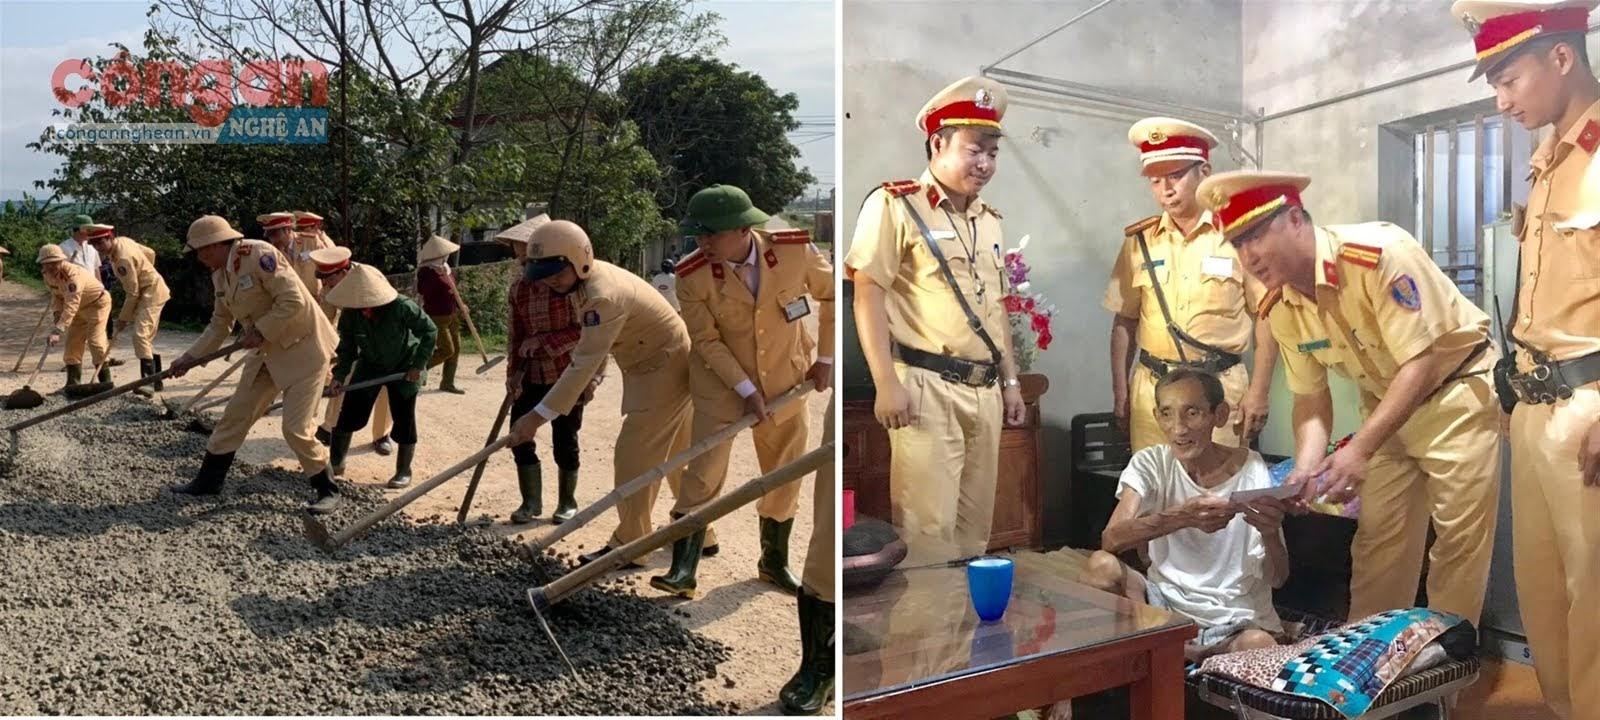 CSGT Công an huyện Hưng Nguyên đóng góp tiền lương cải tạo lại các tuyến đường xuống cấp và giúp đỡ hoàn cảnh khó khăn